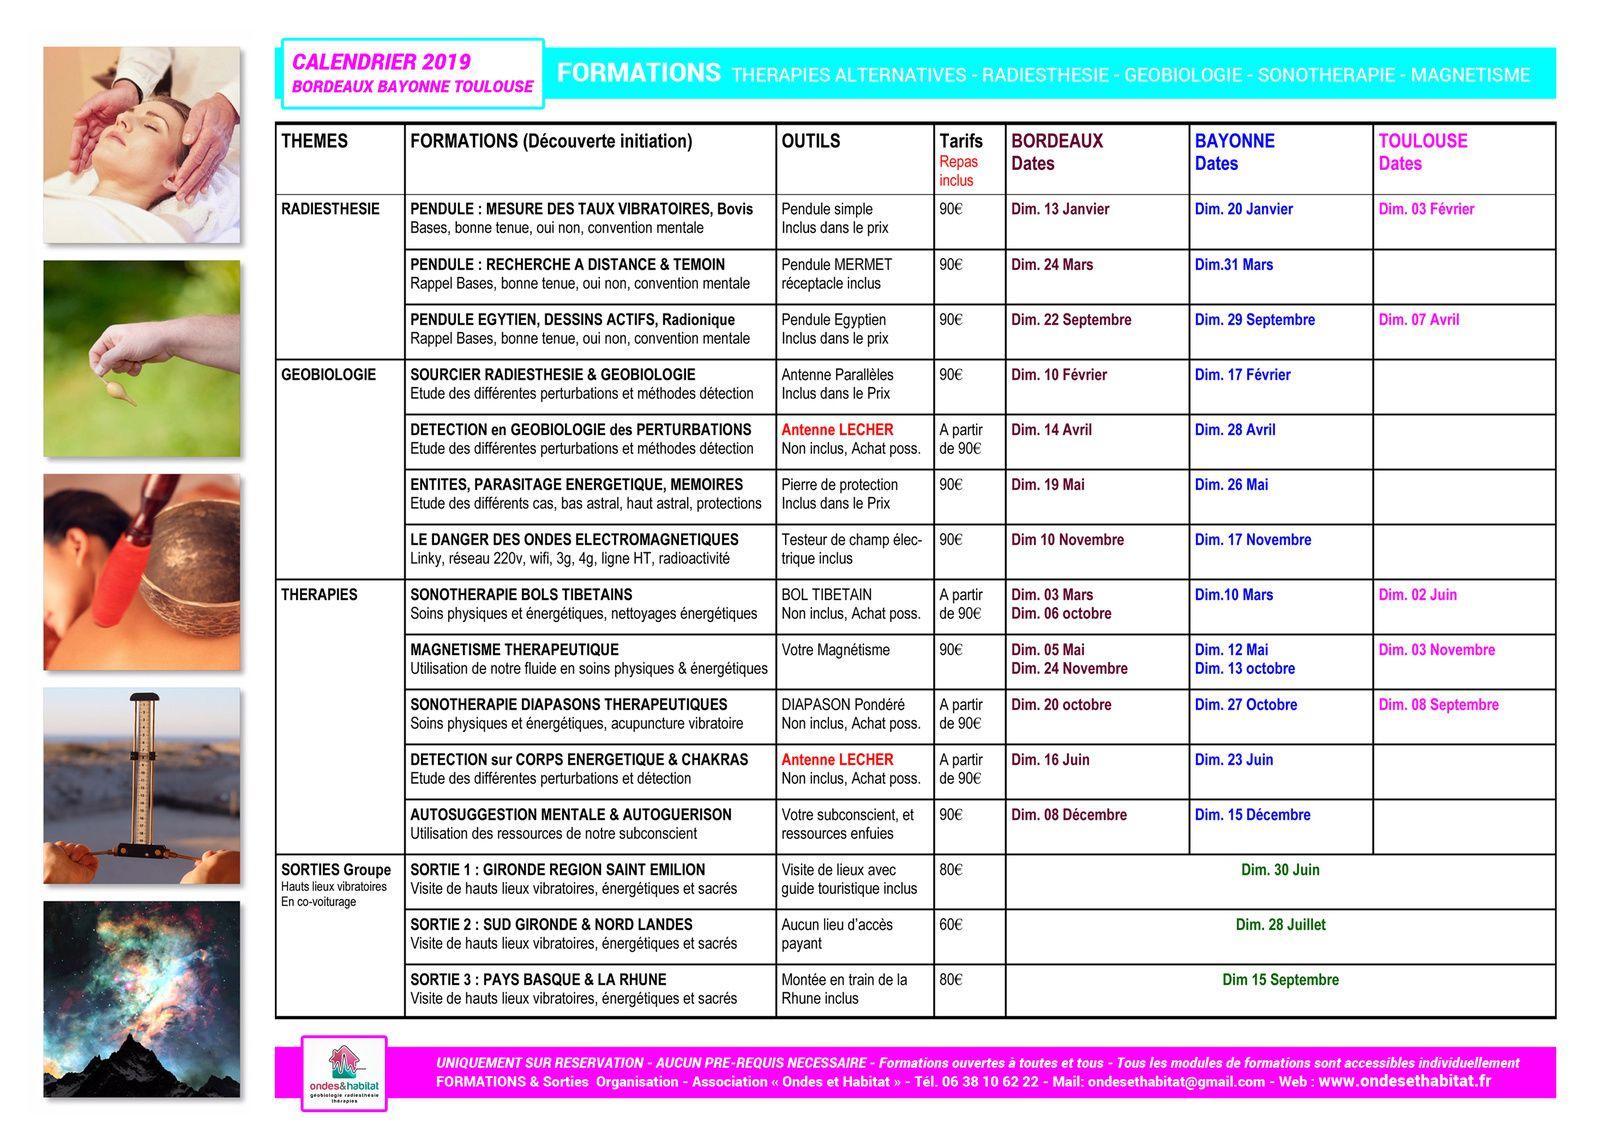 CALENDRIER 2019 FORMATIONS à BORDEAUX, BAYONNE & TOULOUSE : Radiesthésie, Géobiologie, Thérapies Alternatives ou Complémentaires